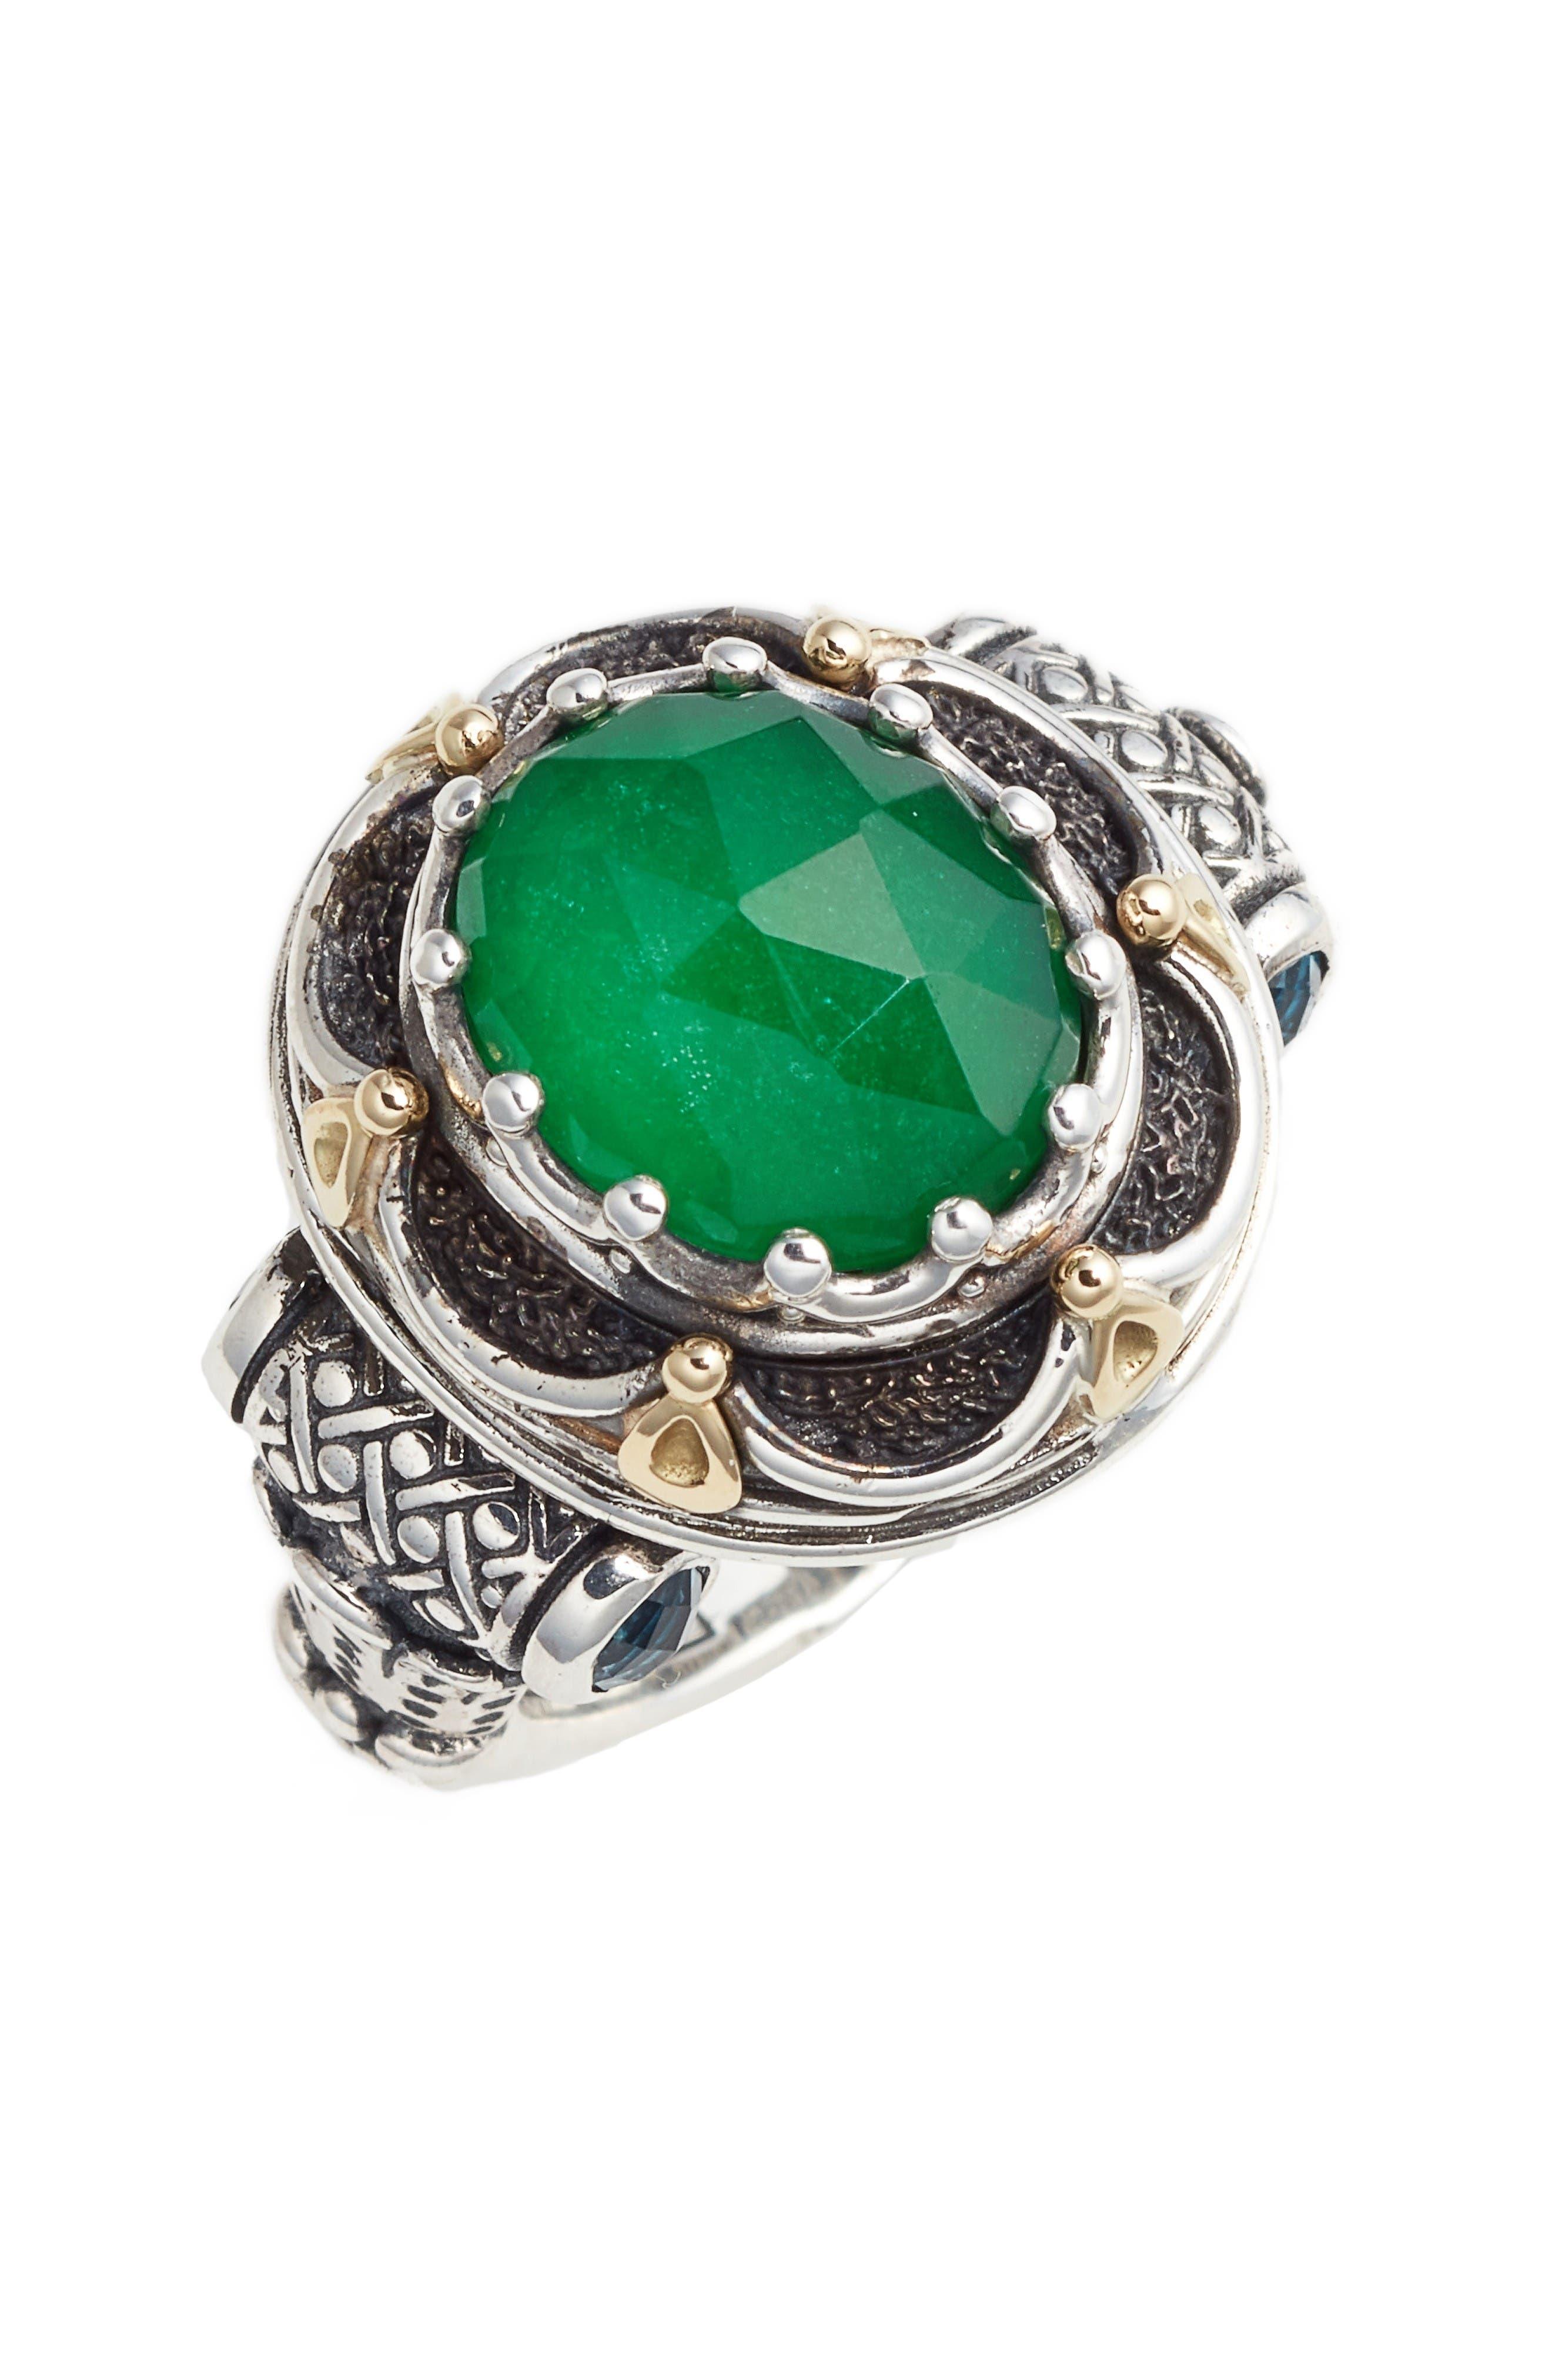 Alternate Image 1 Selected - Konstantino Nemesis Semiprecious Stone Ring